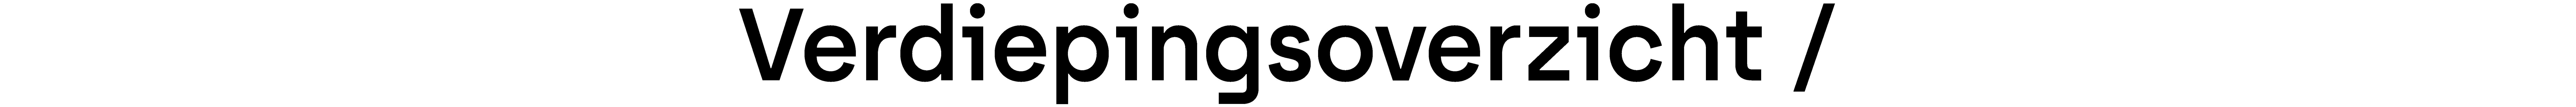 4cee78c0-d7f0-11eb-9b34-79f1b9300a4b.png